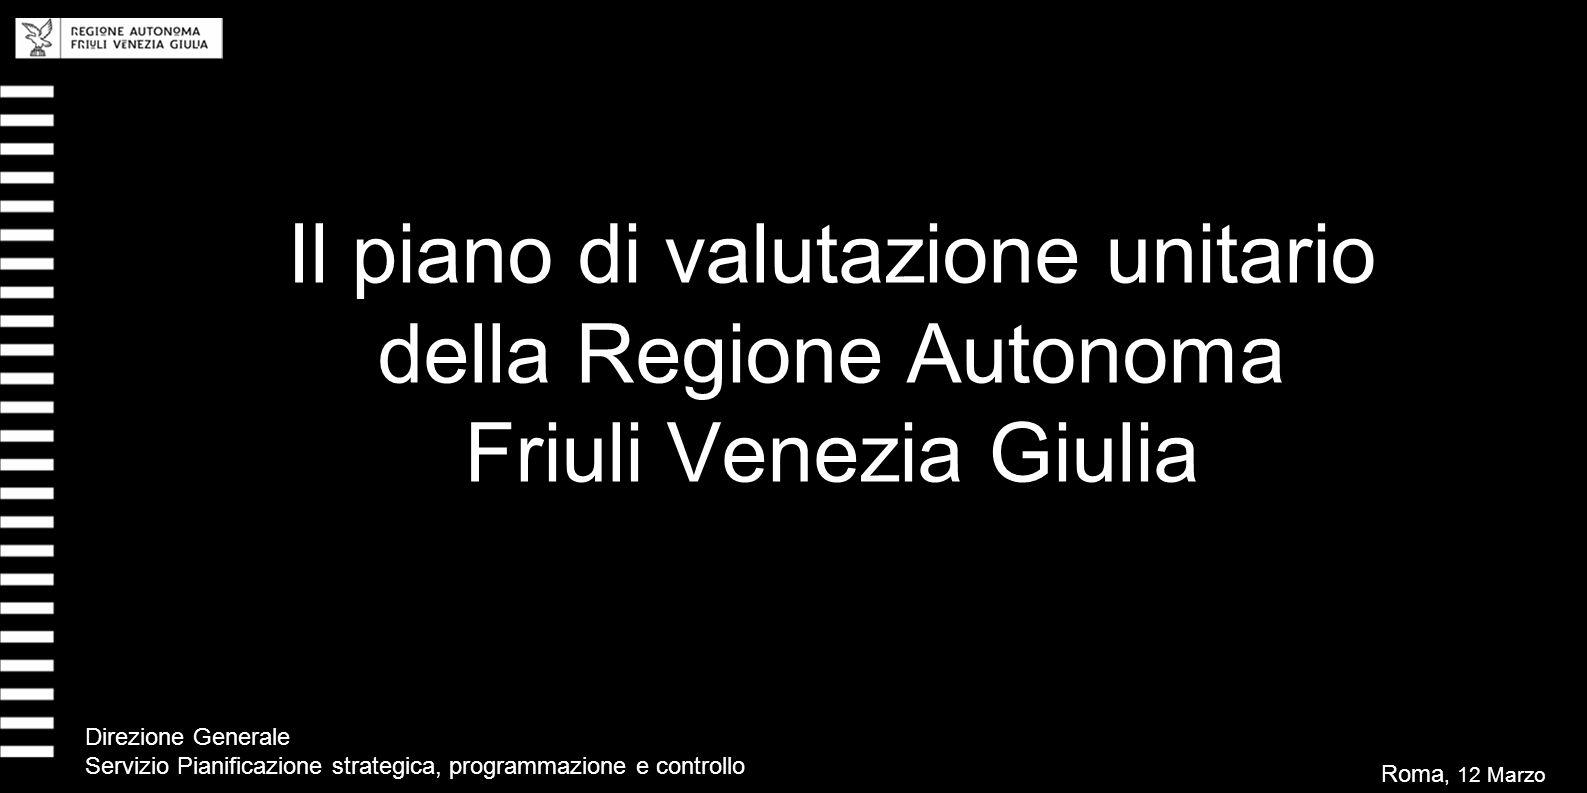 Il piano di valutazione unitario della Regione Autonoma Friuli Venezia Giulia Roma, 12 Marzo 2008 Direzione Generale Servizio Pianificazione strategica, programmazione e controllo